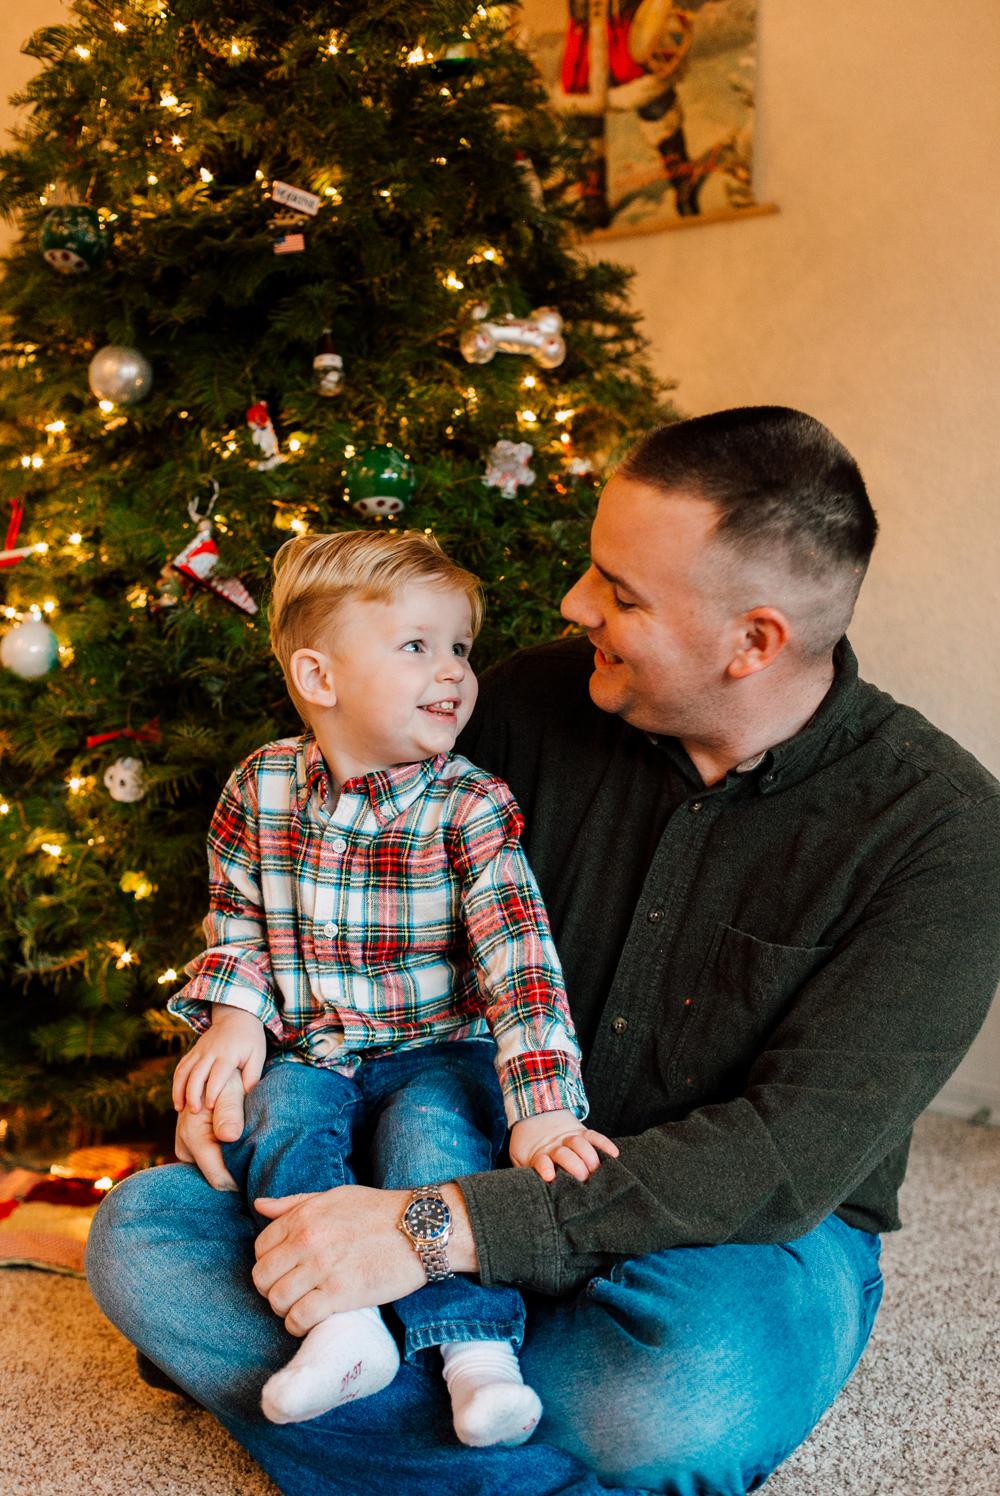 014-bellingham-lifestyle-family-photographer-katheryn-moran-wegner-christmas.jpg